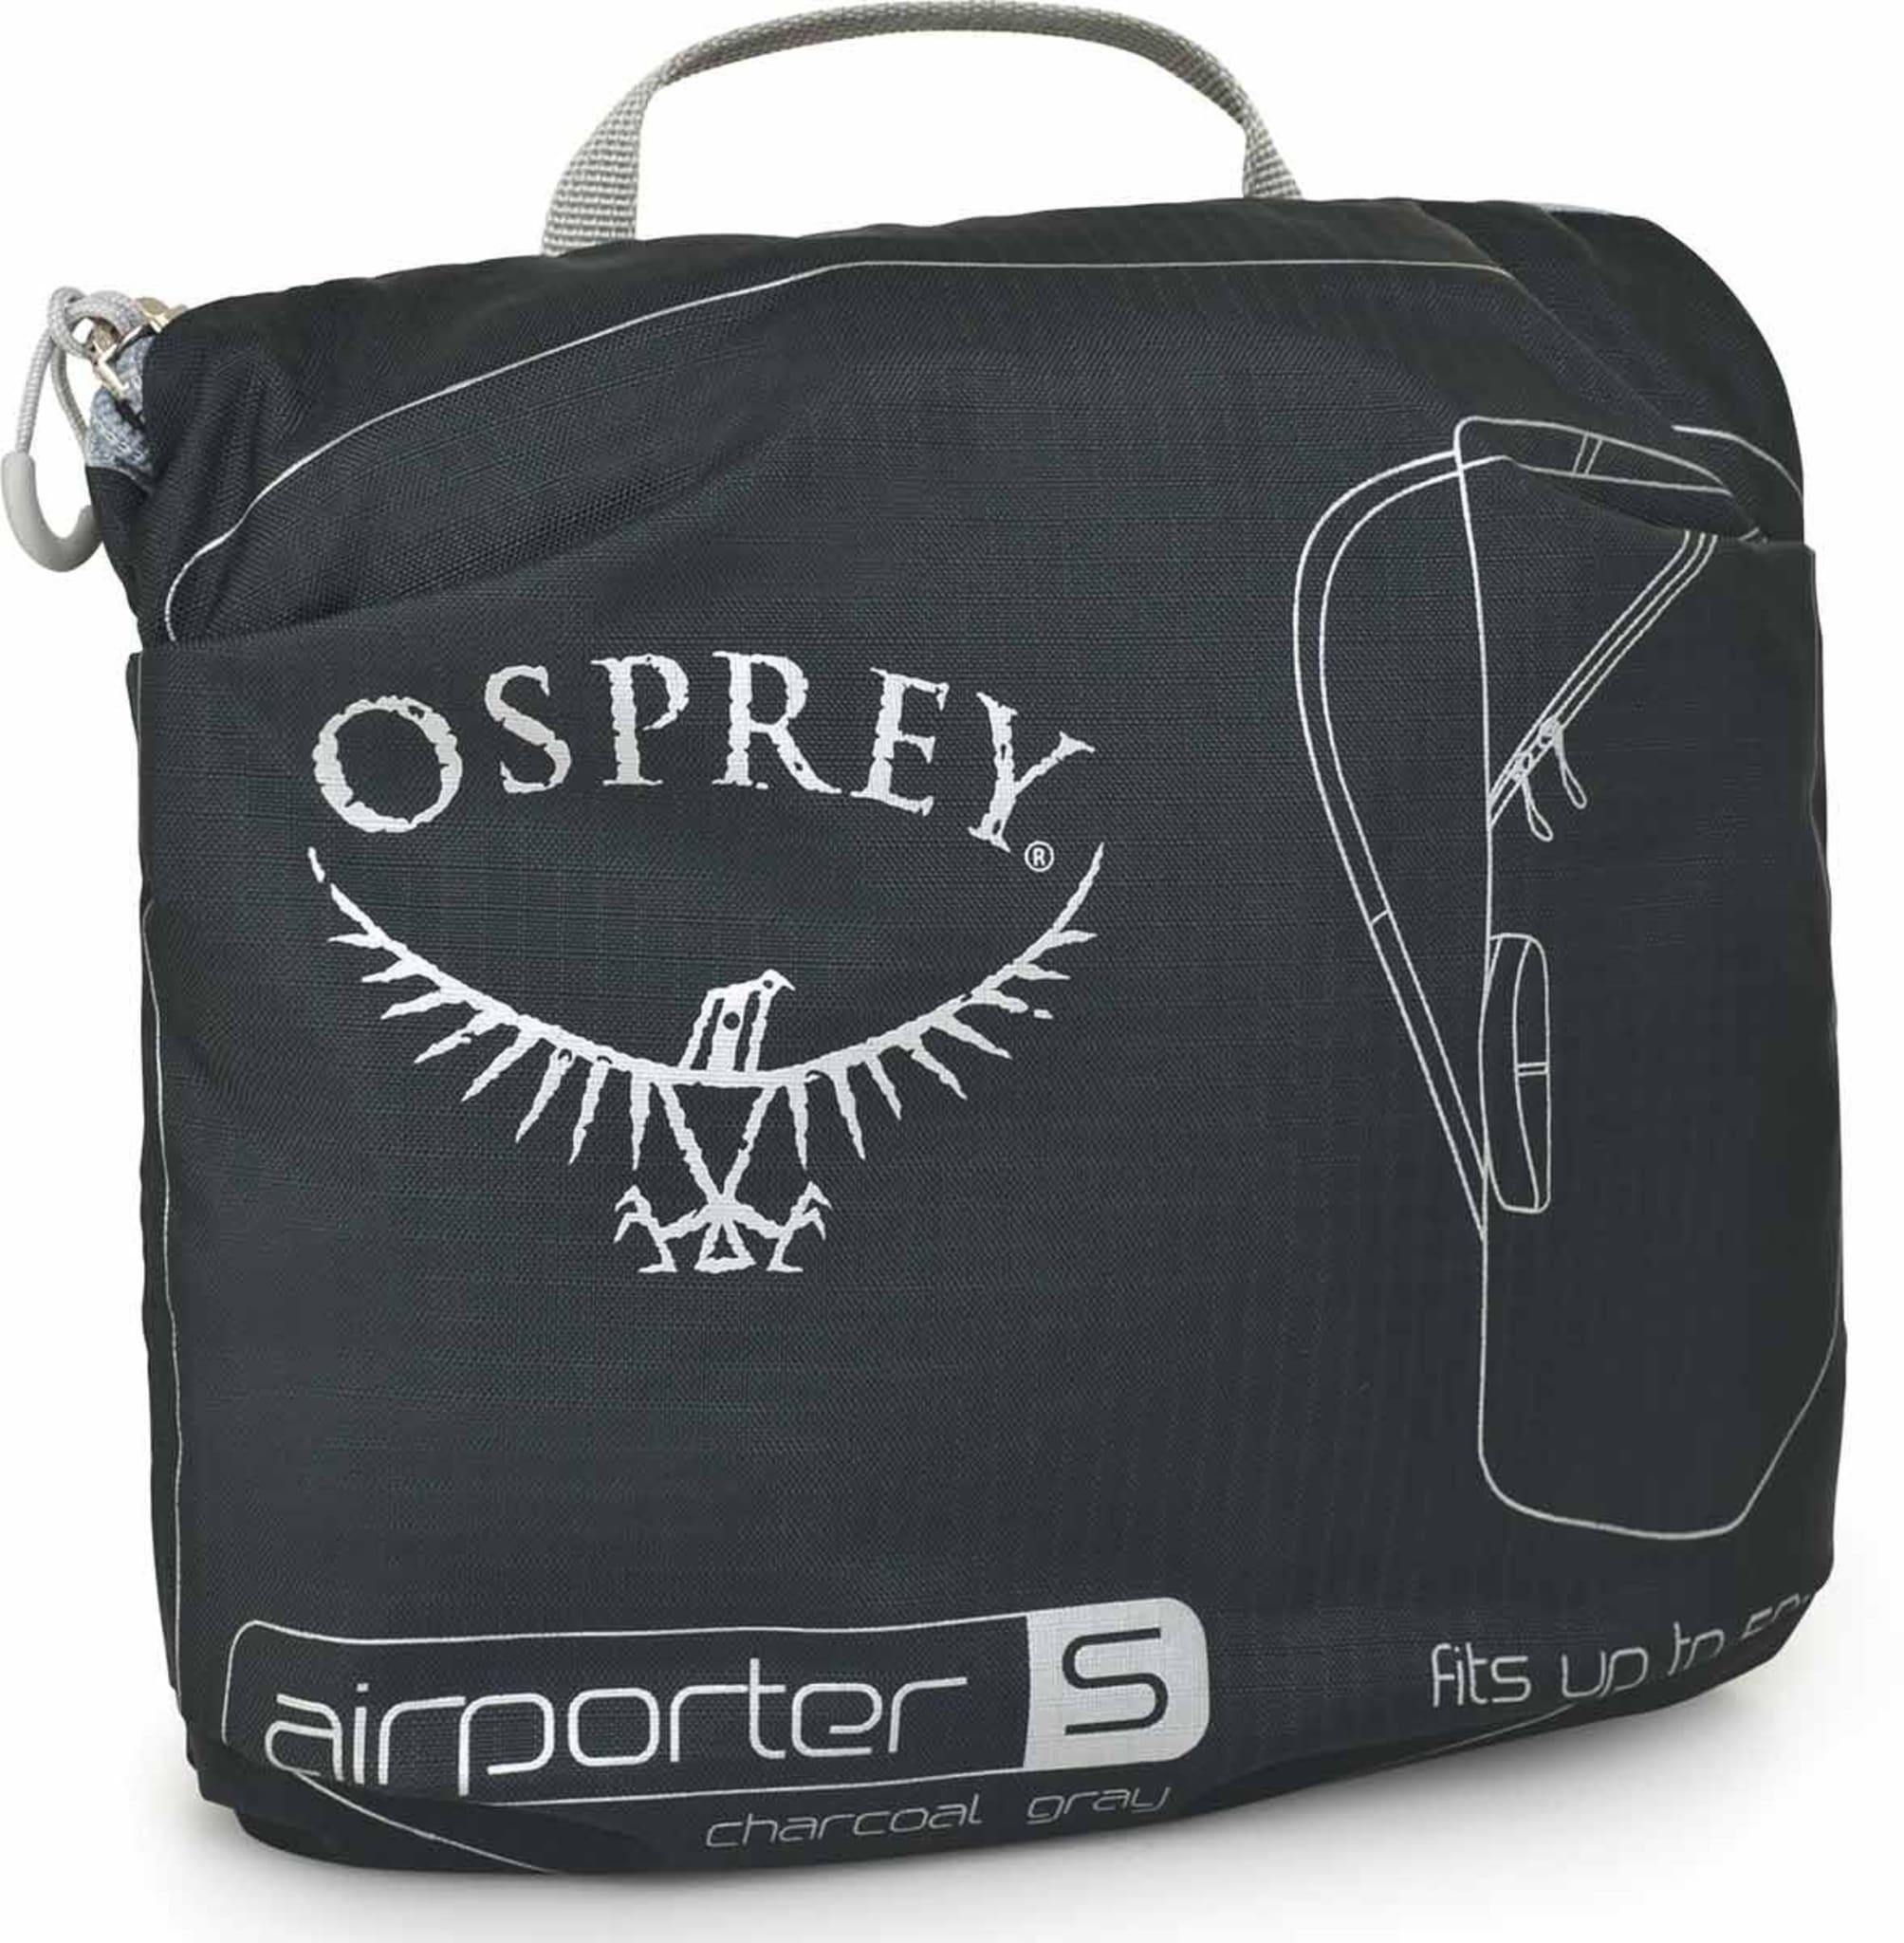 Beskyttelse til bagasjen din på tur